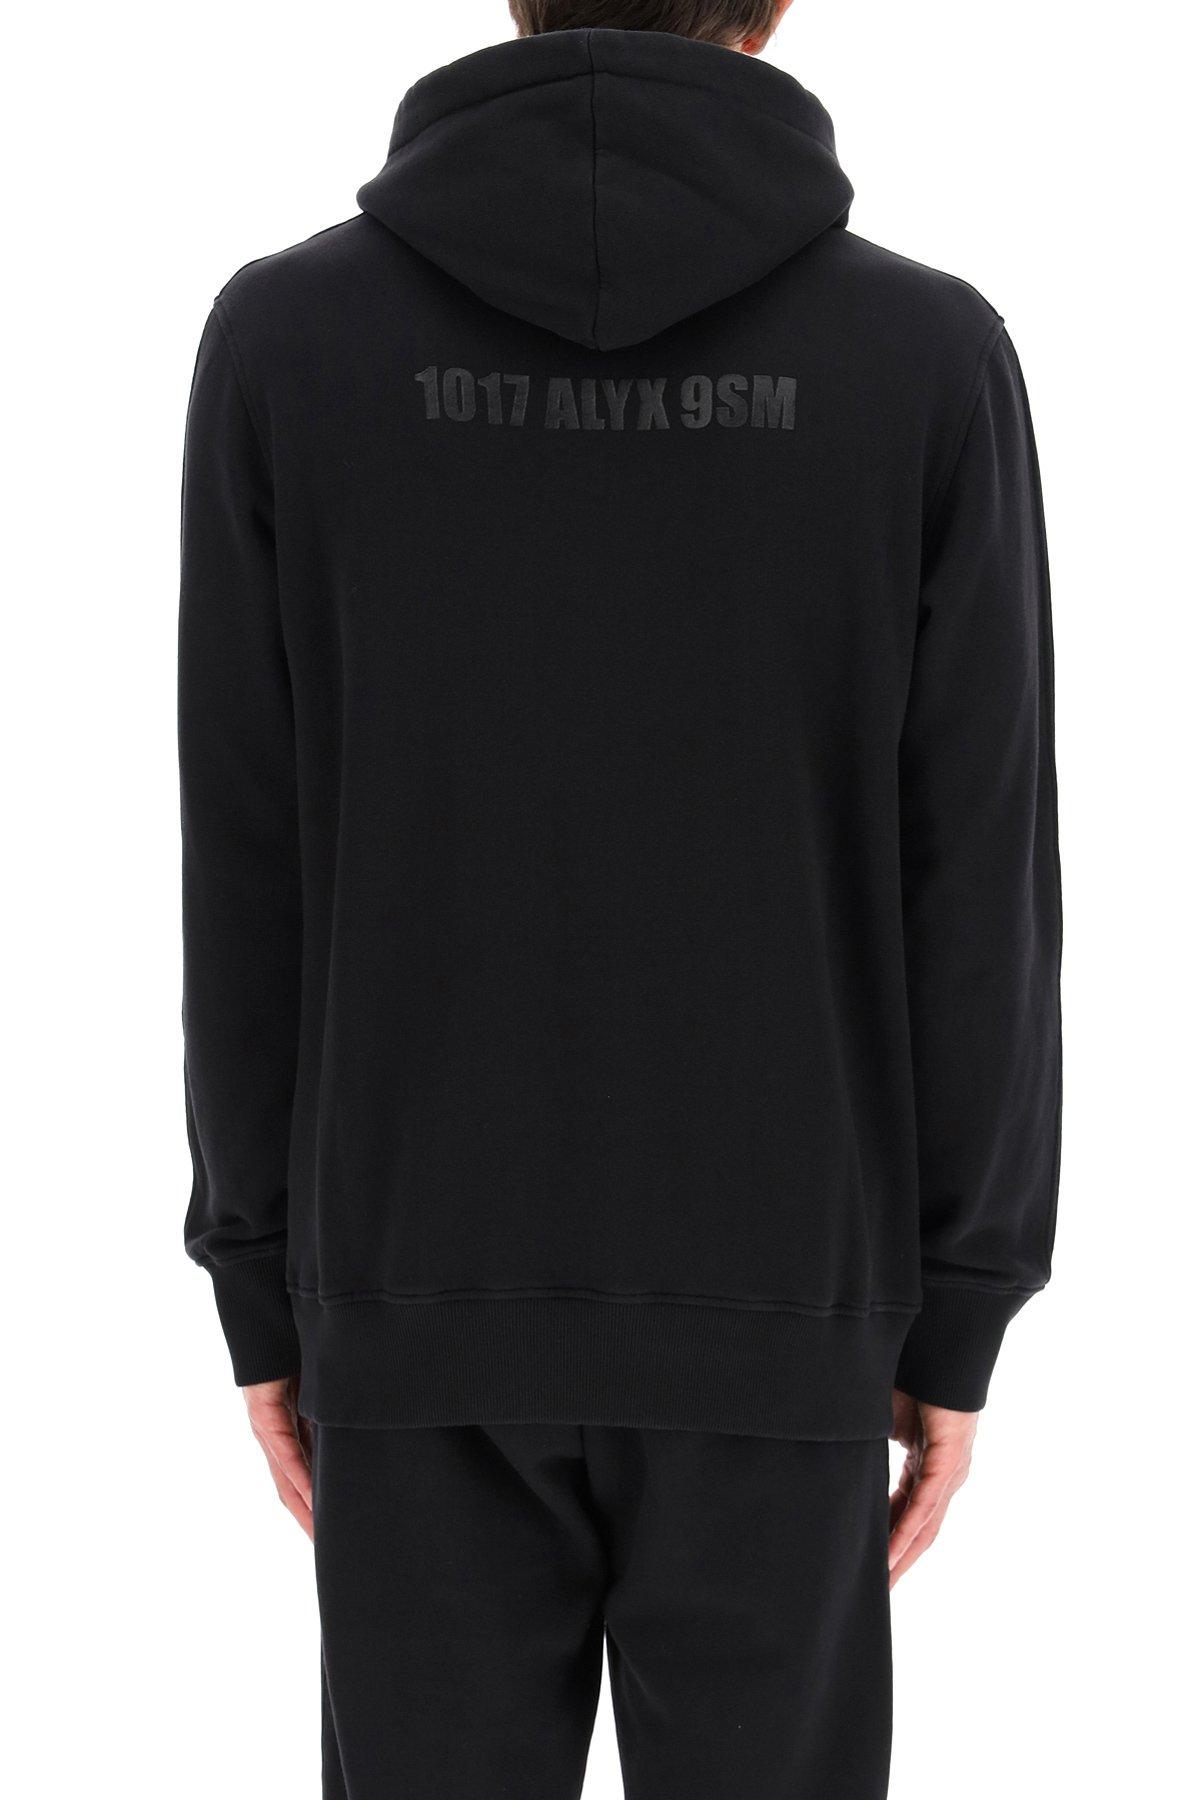 1017 alyx 9sm felpa con cappuccio mirror logo